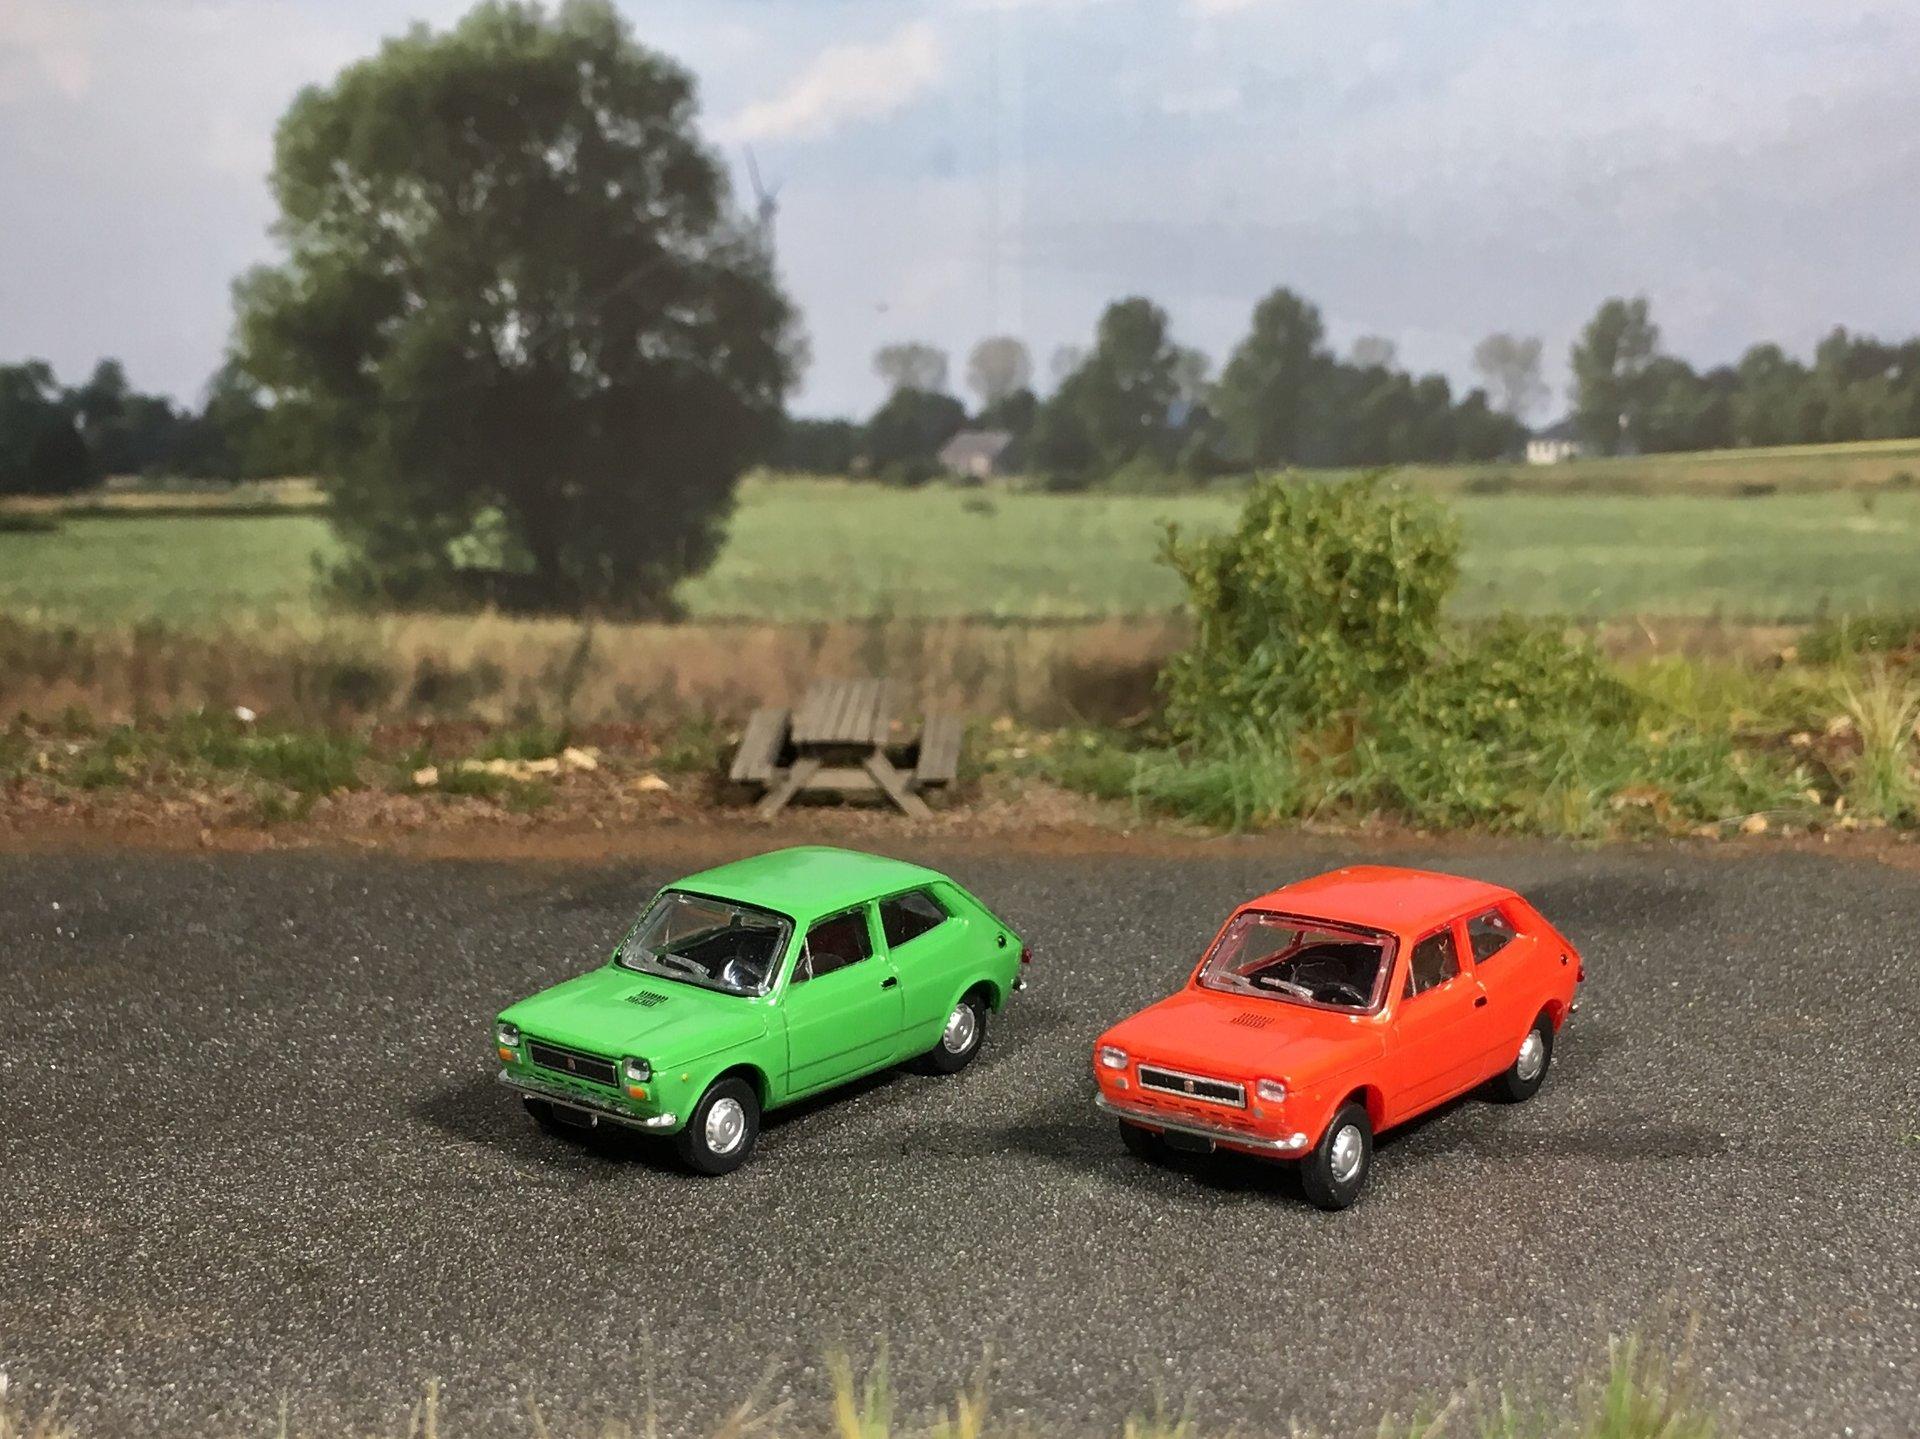 Fiat 127 zielony i czerwony 001.jpg